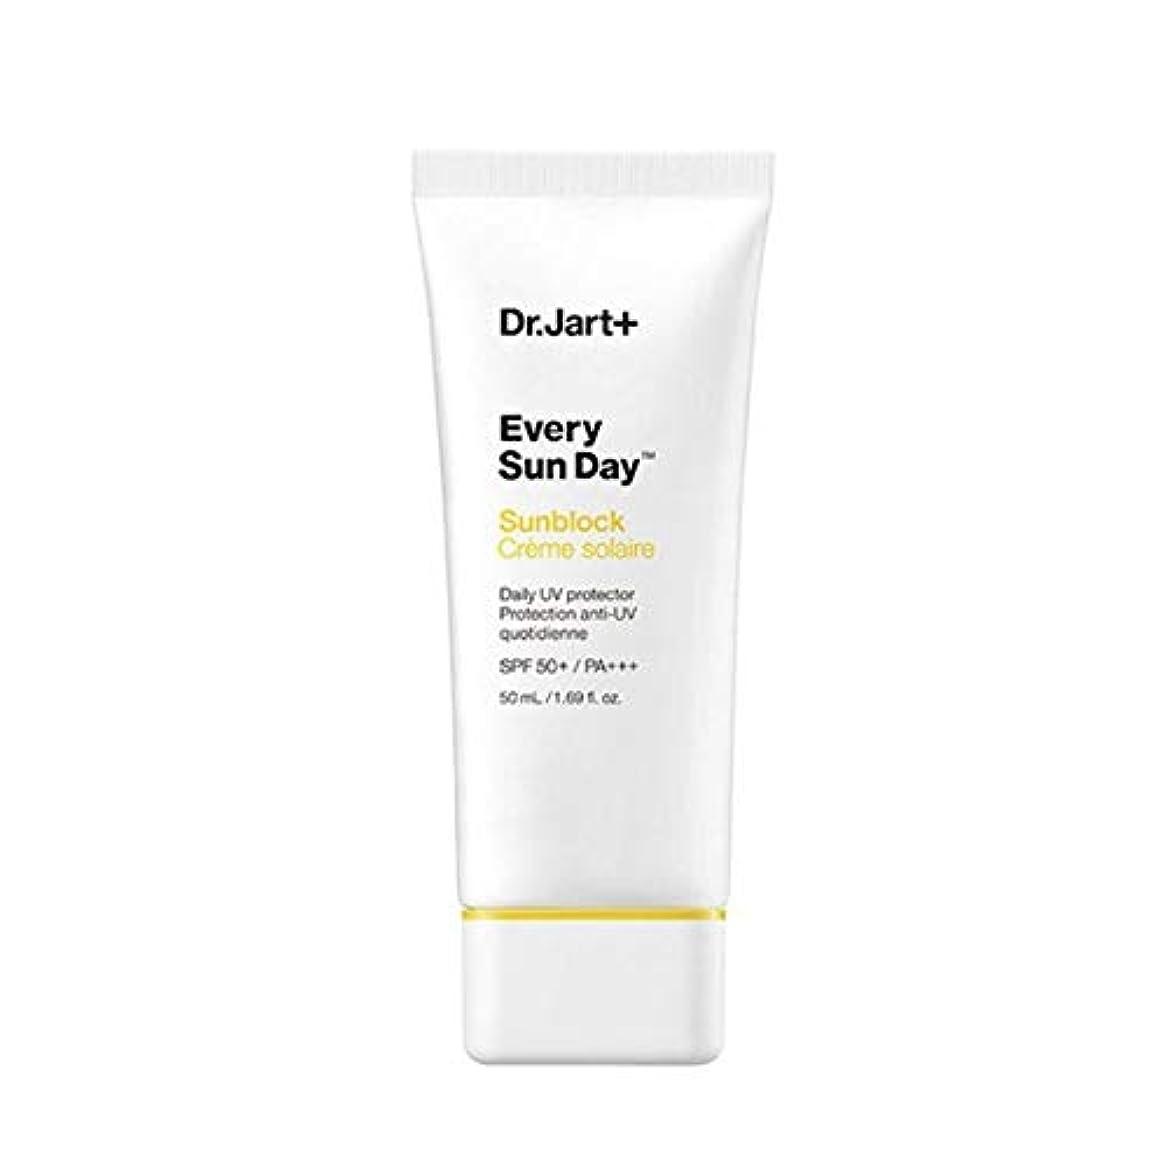 注意大宇宙褒賞ドクタージャルトゥエブリサンデーサンブロック50mlサンクリーム韓国コスメ、Dr.Jart Every Sun Day Sun Block 50ml Sun Cream Korean Cosmetics [並行輸入品]